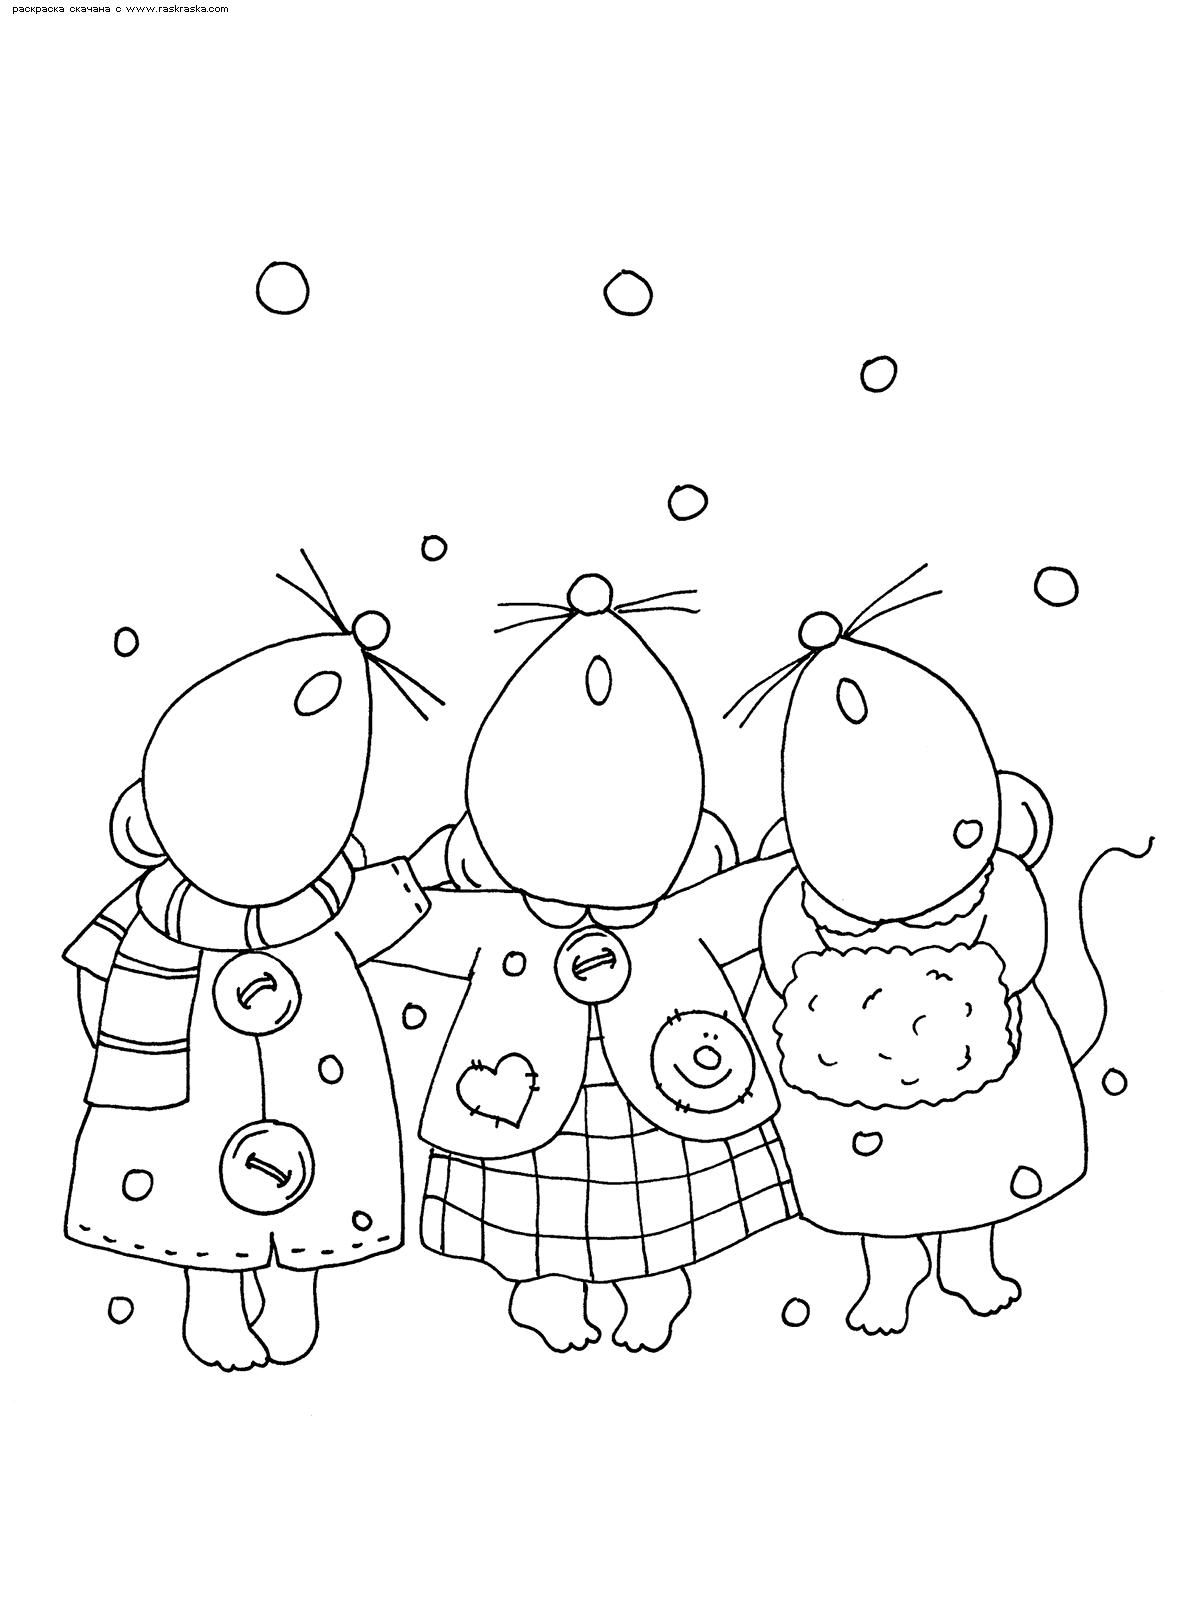 Раскраска Мышки зимой. Раскраска мышь, крыса